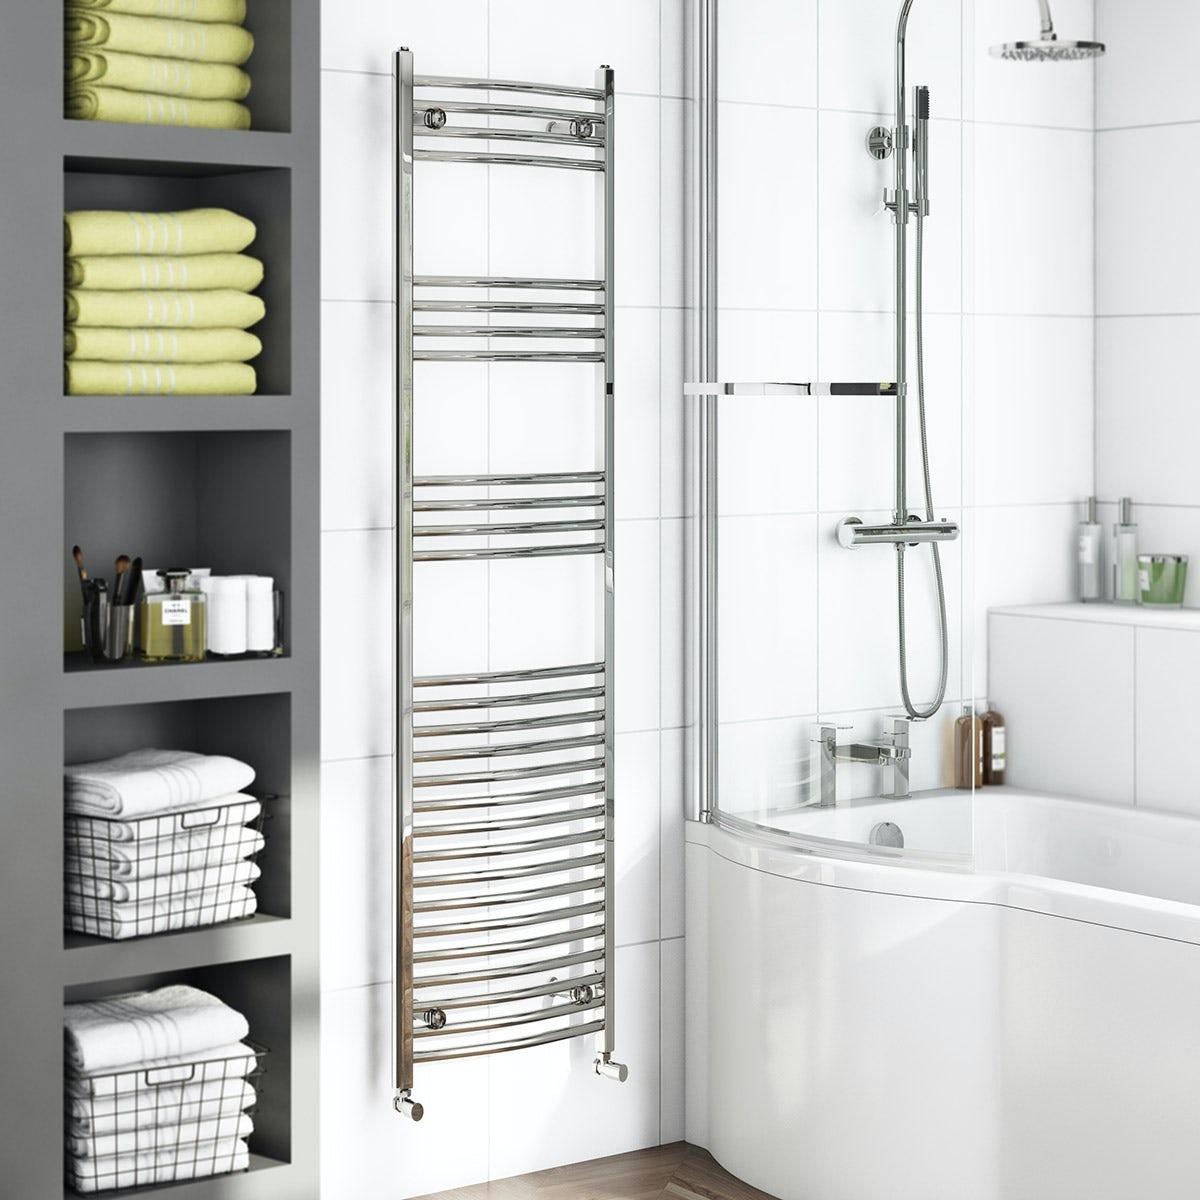 Orchard Elsdon heated towel rail 1650